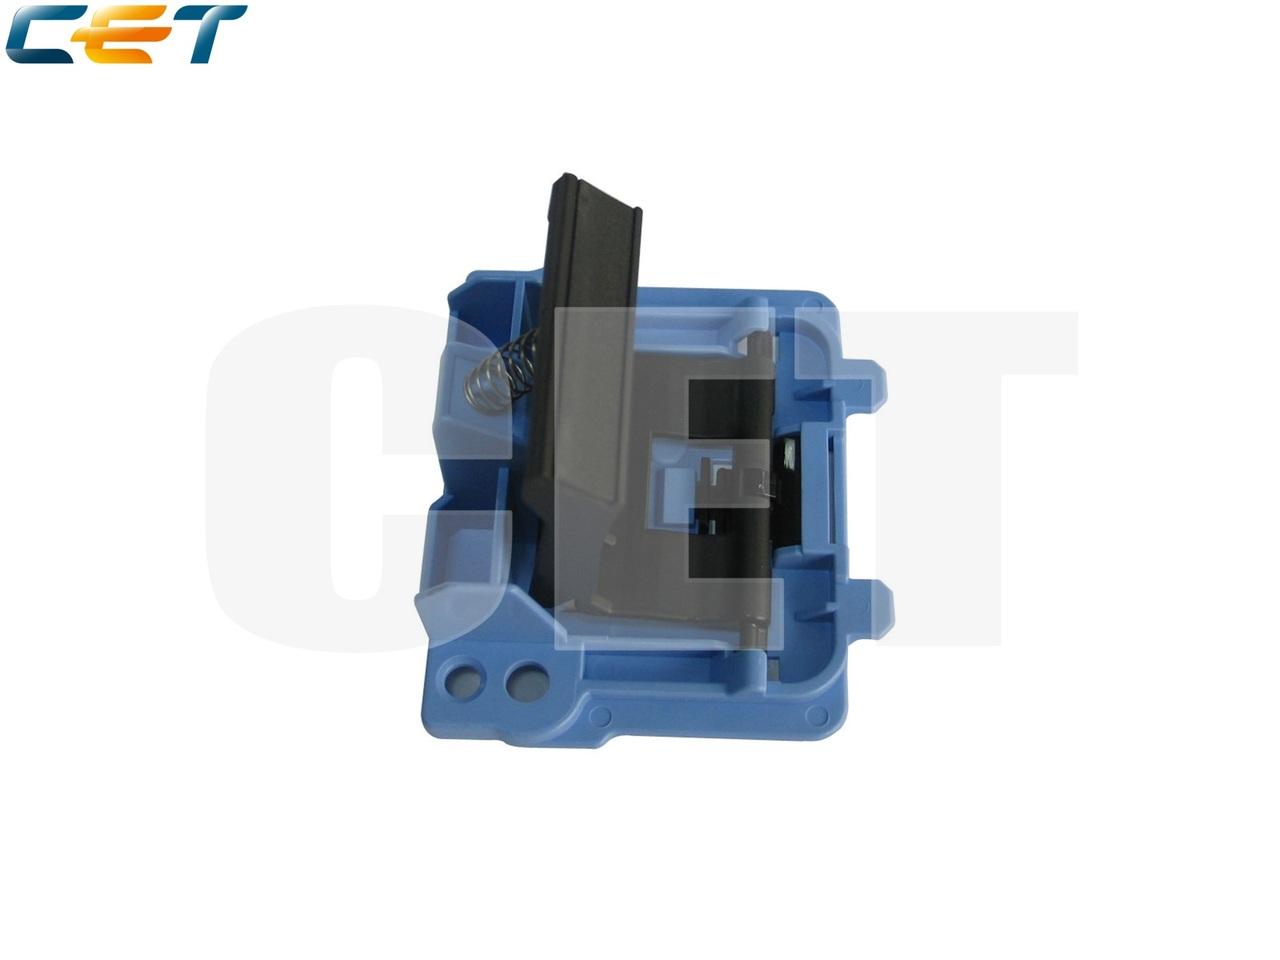 Тормозная площадка RM1-4207-000, RM1-4227-000 для HPLaserJet P1006/HP LaserJet Pro M125/M126/HP LaserJet ProP1102w (CET), CET3722